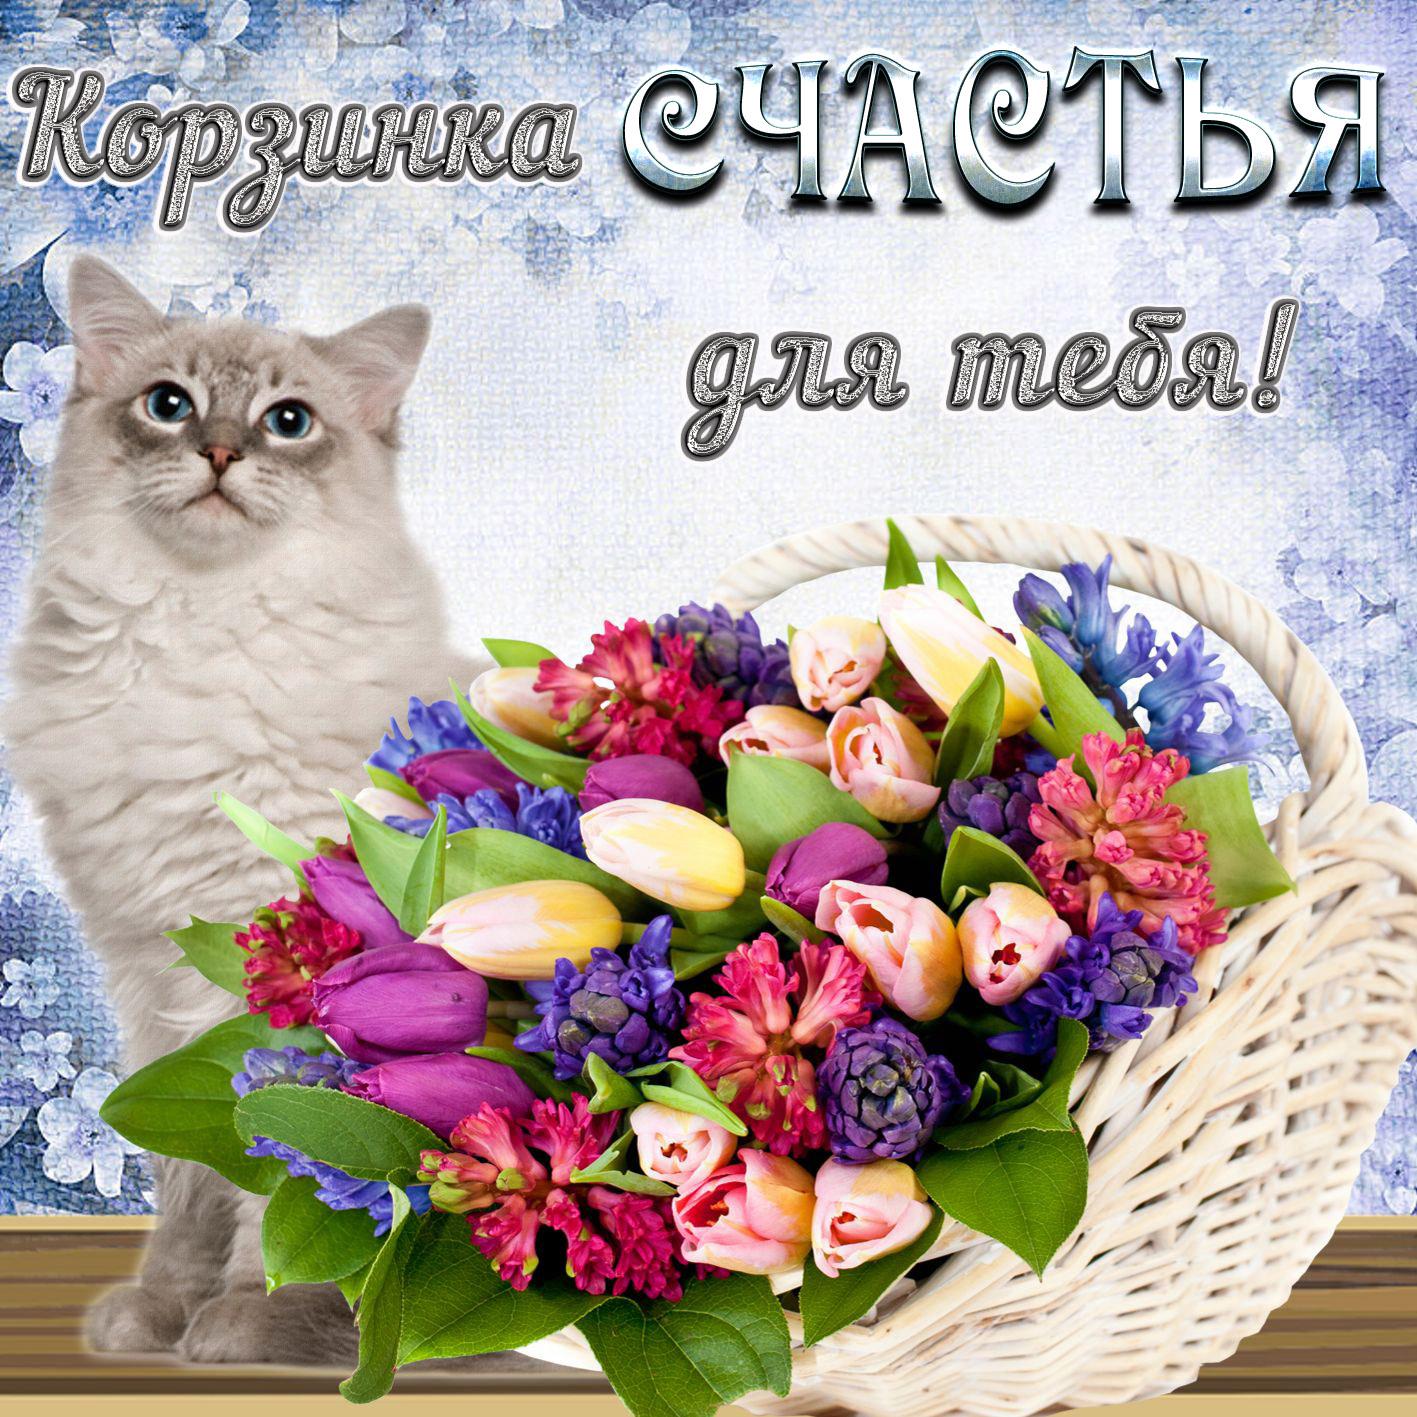 Открытка - котик и корзинка счастья для тебя